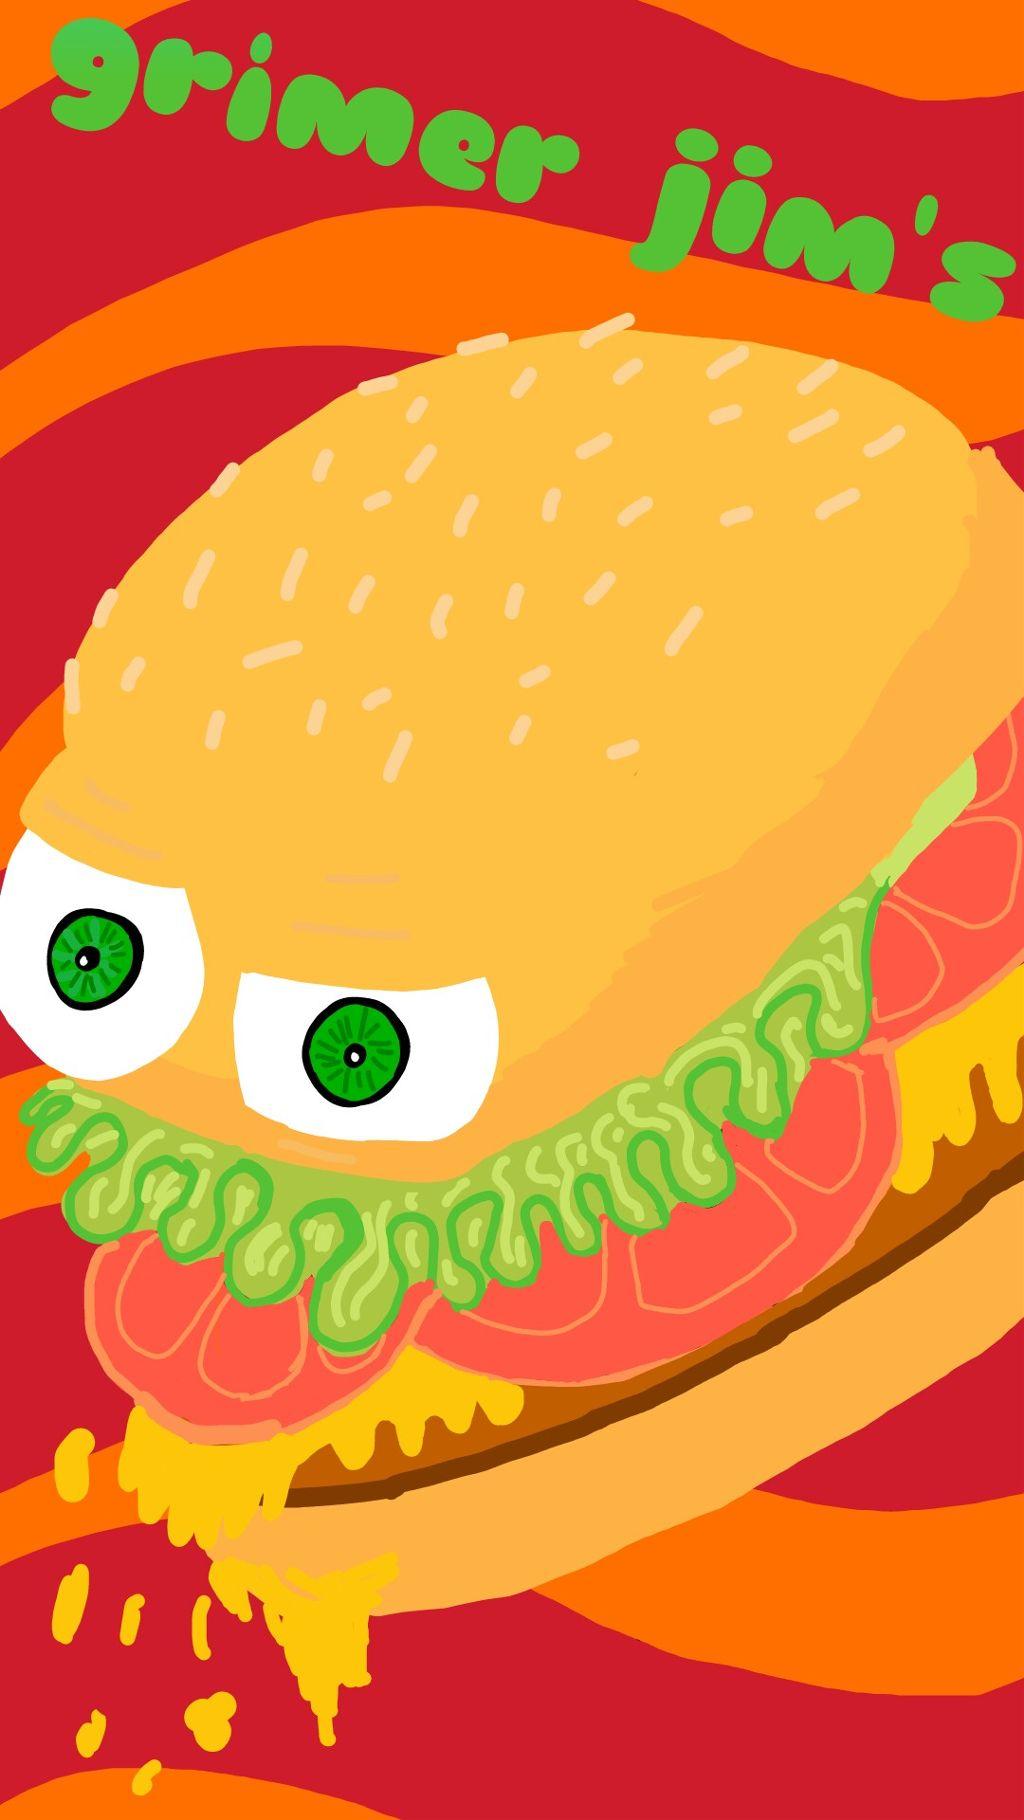 #eatmoregrime